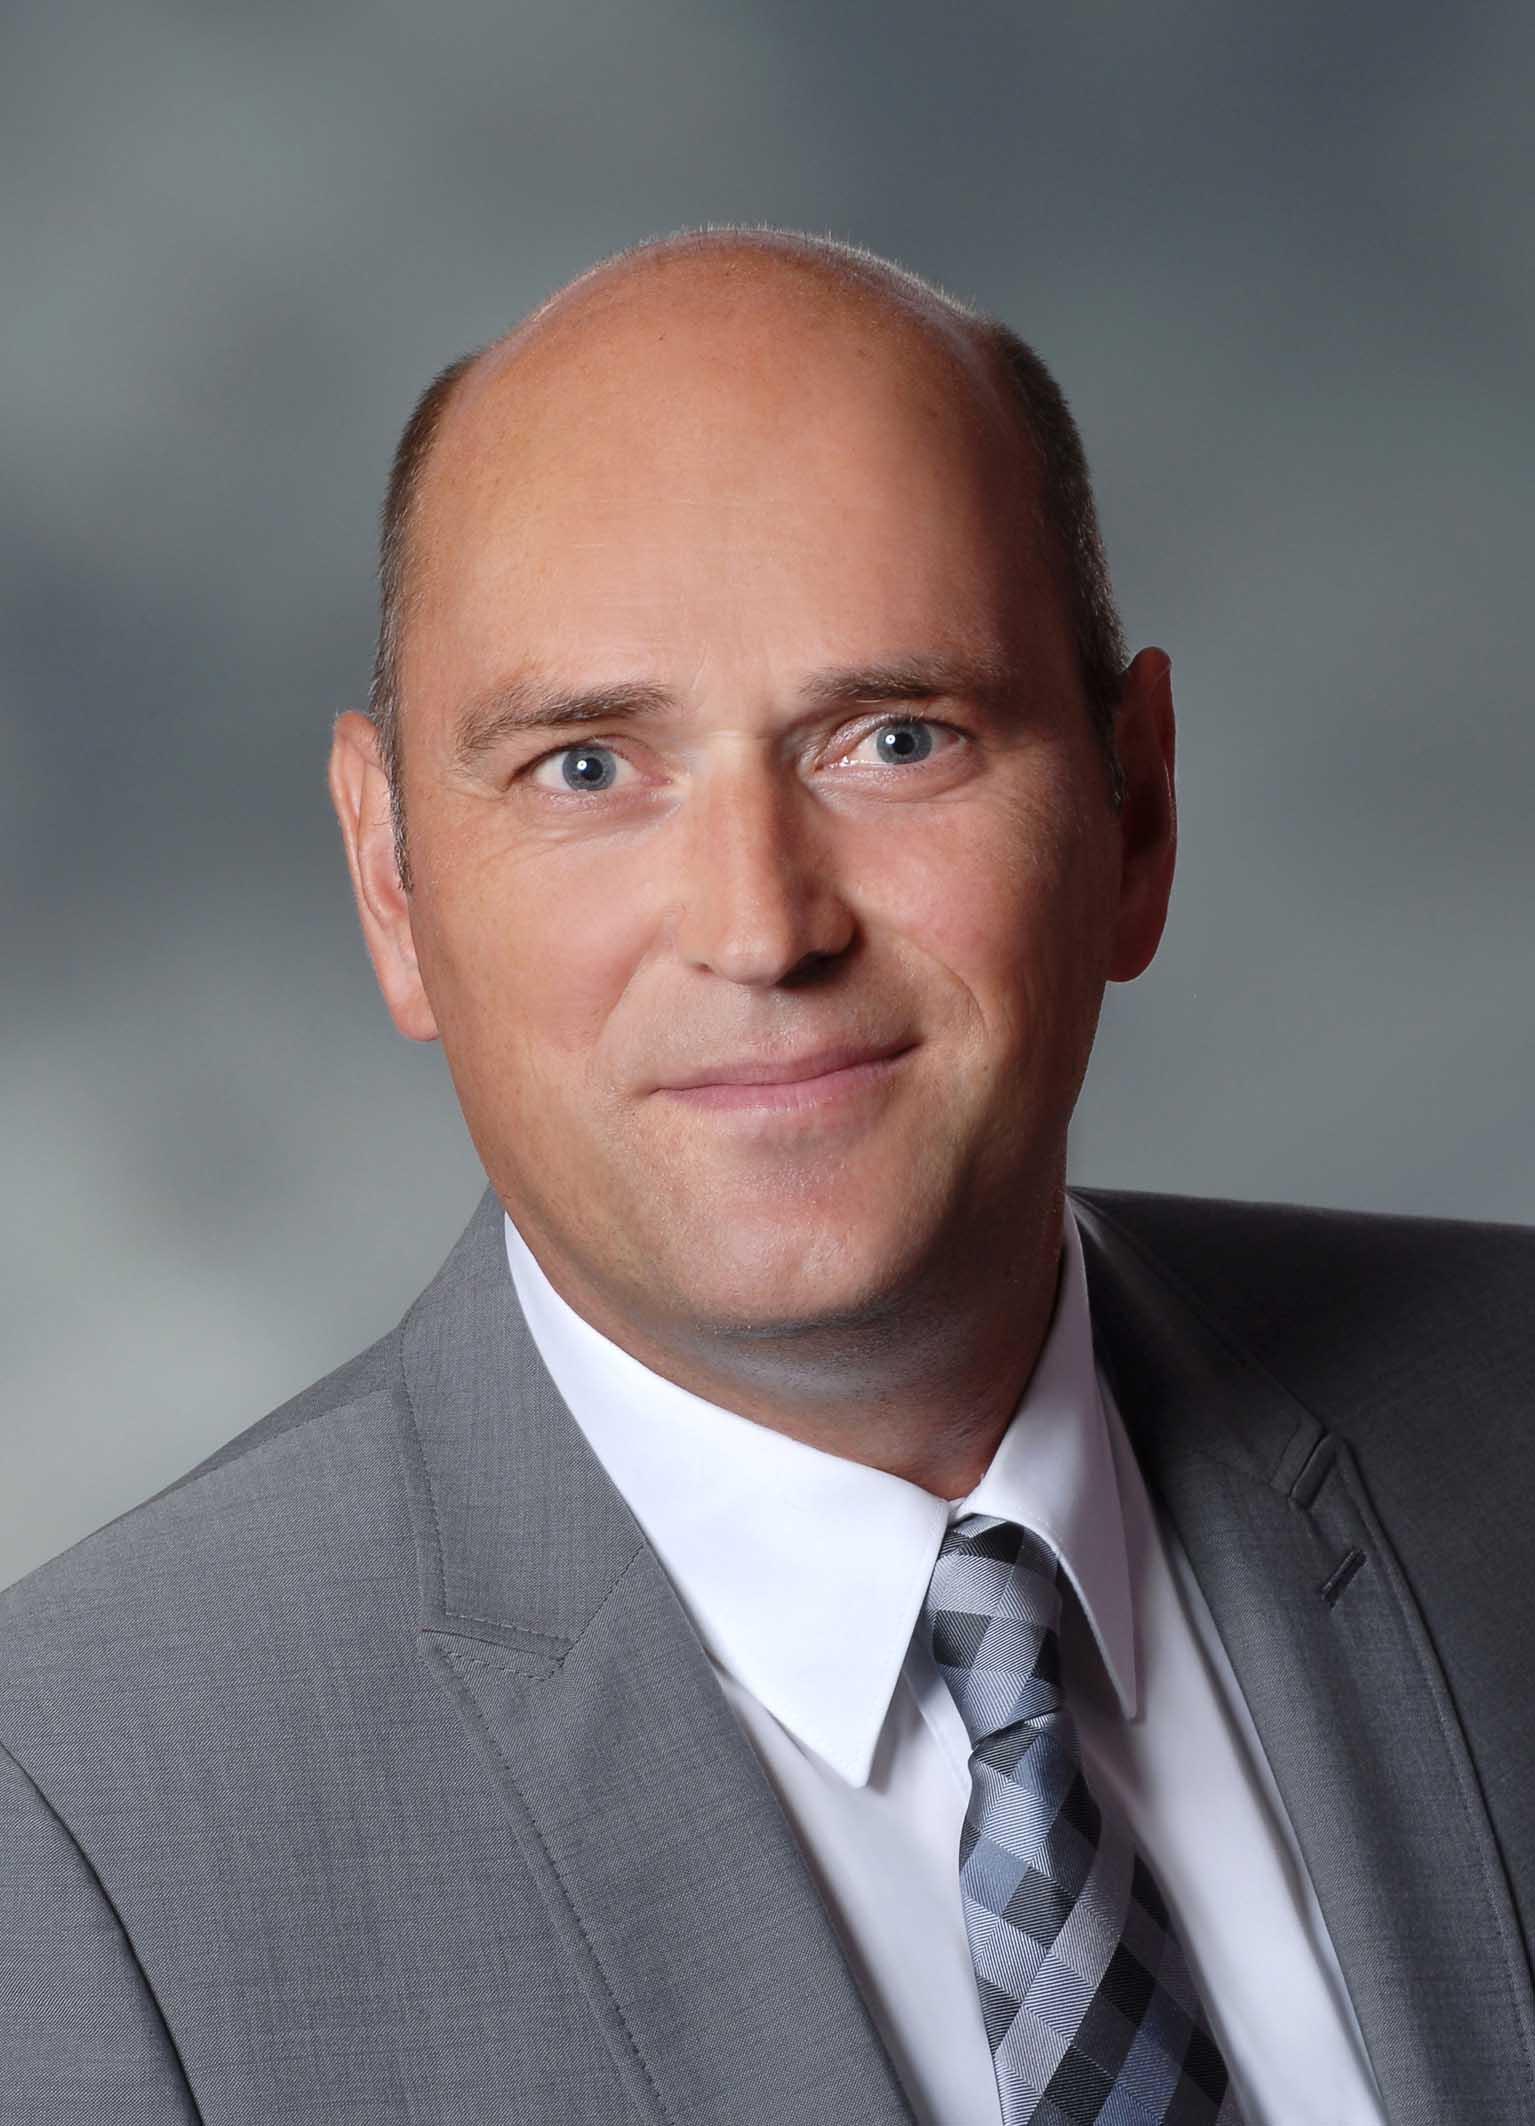 Marko Schulze